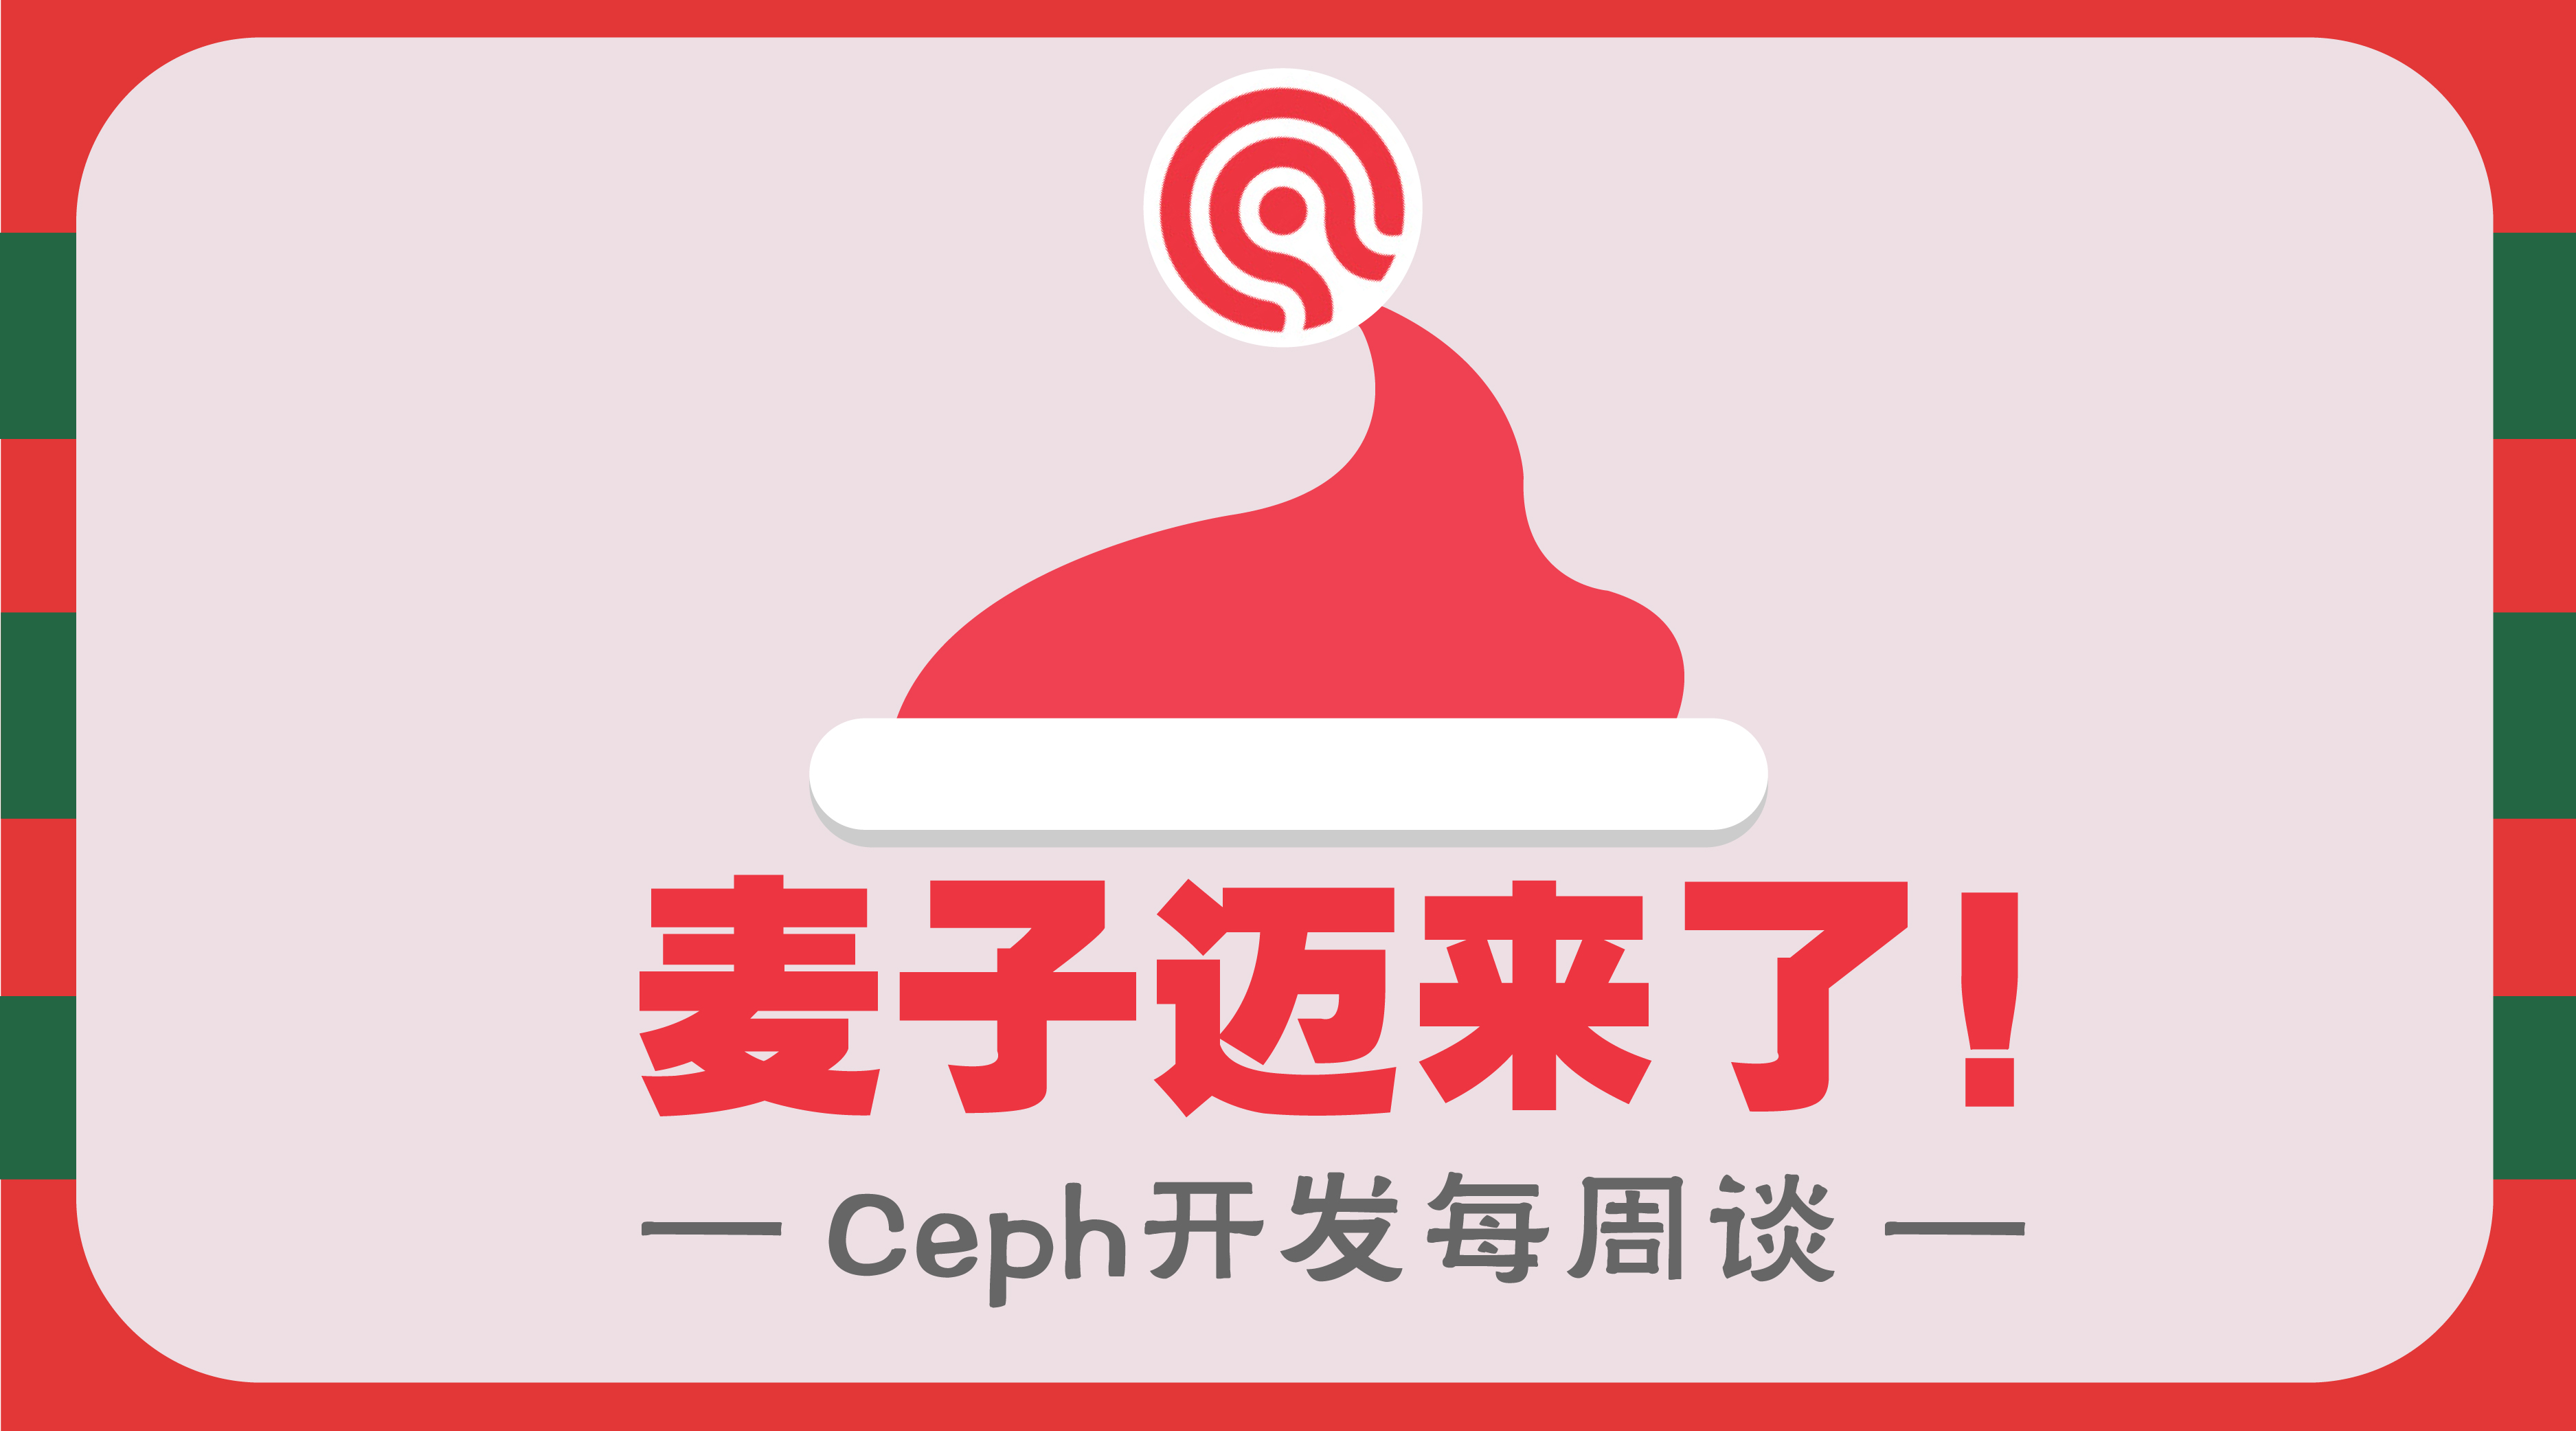 Ceph开发每周谈首发